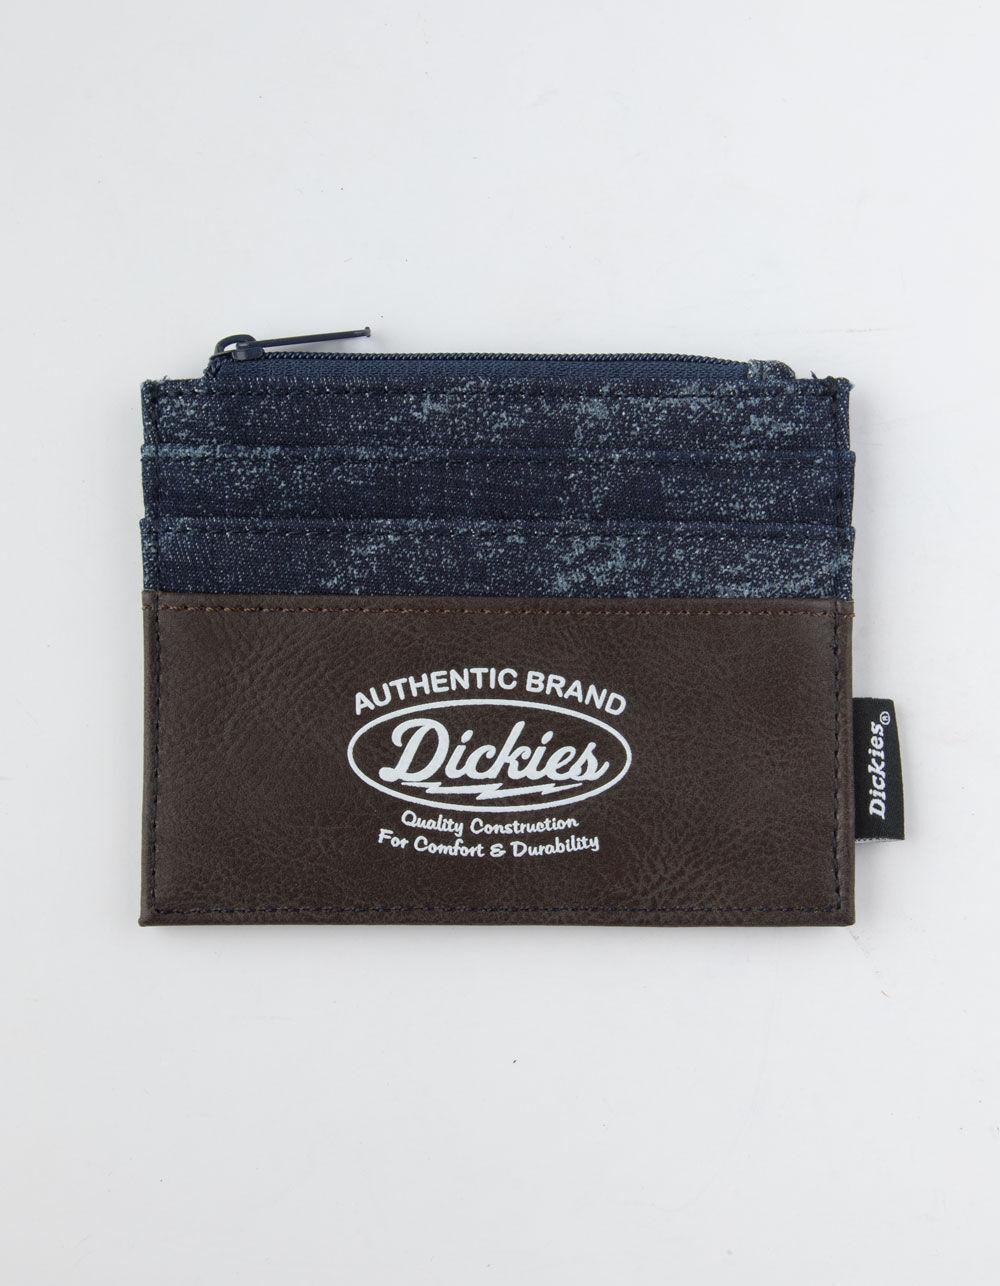 DICKIES Zippered Brown Card Holder Wallet